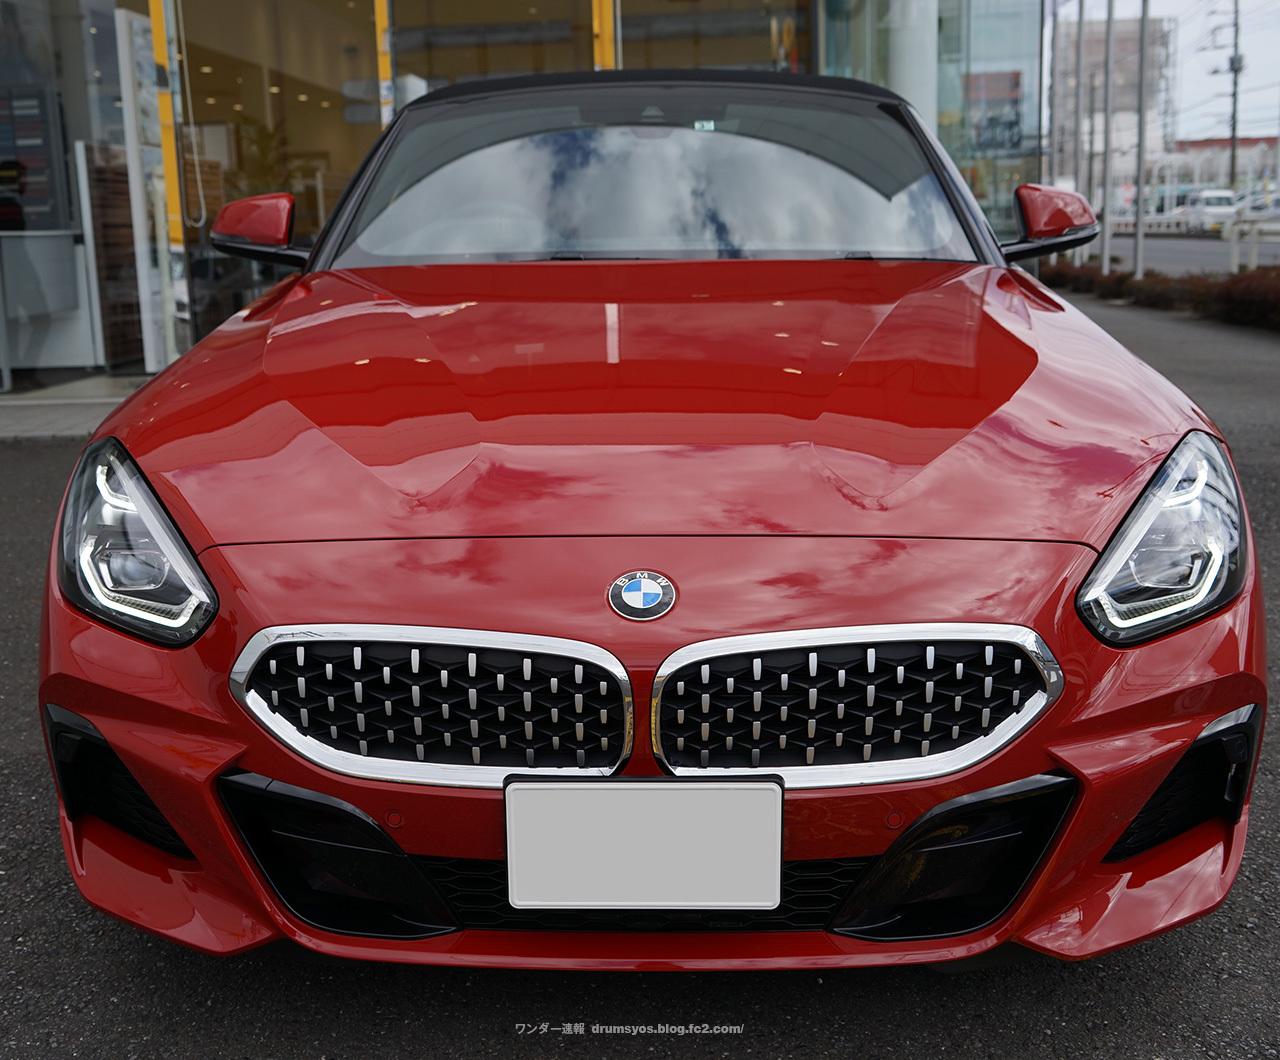 BMWZ4_19.jpg